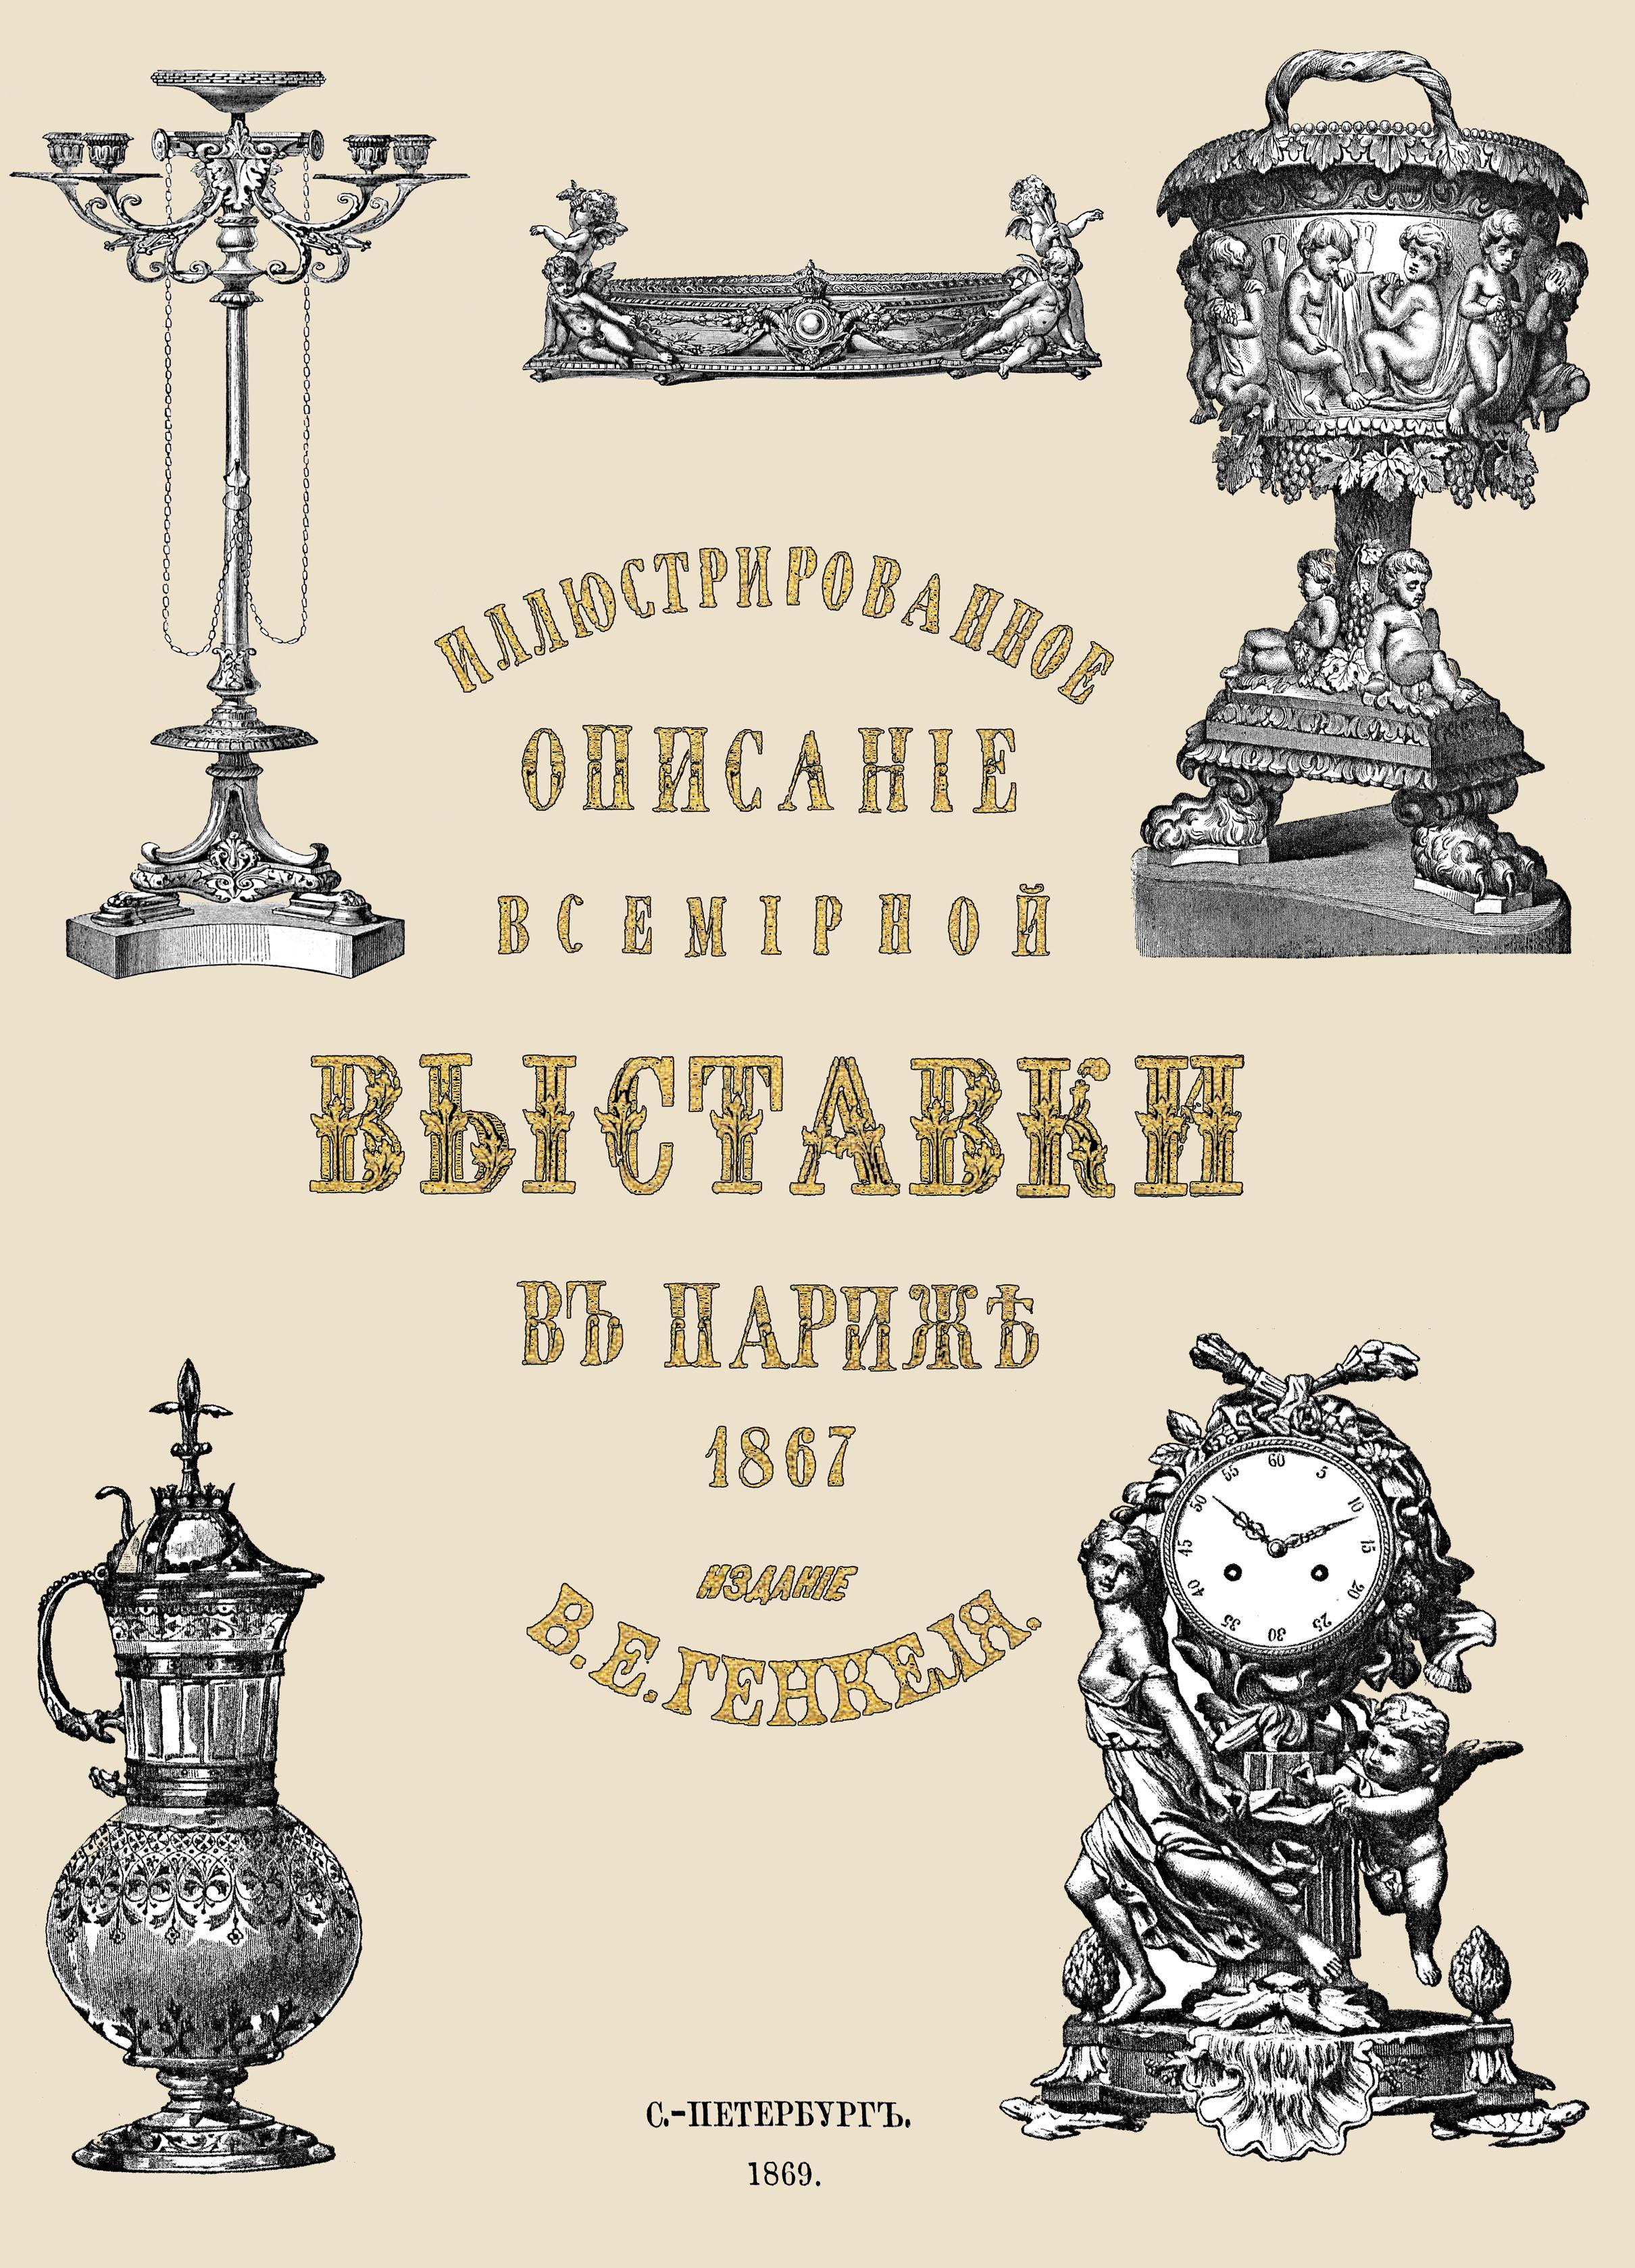 Генкель В. Е. Иллюстрированное описание всемирной промышленной выставки в Париже 1867